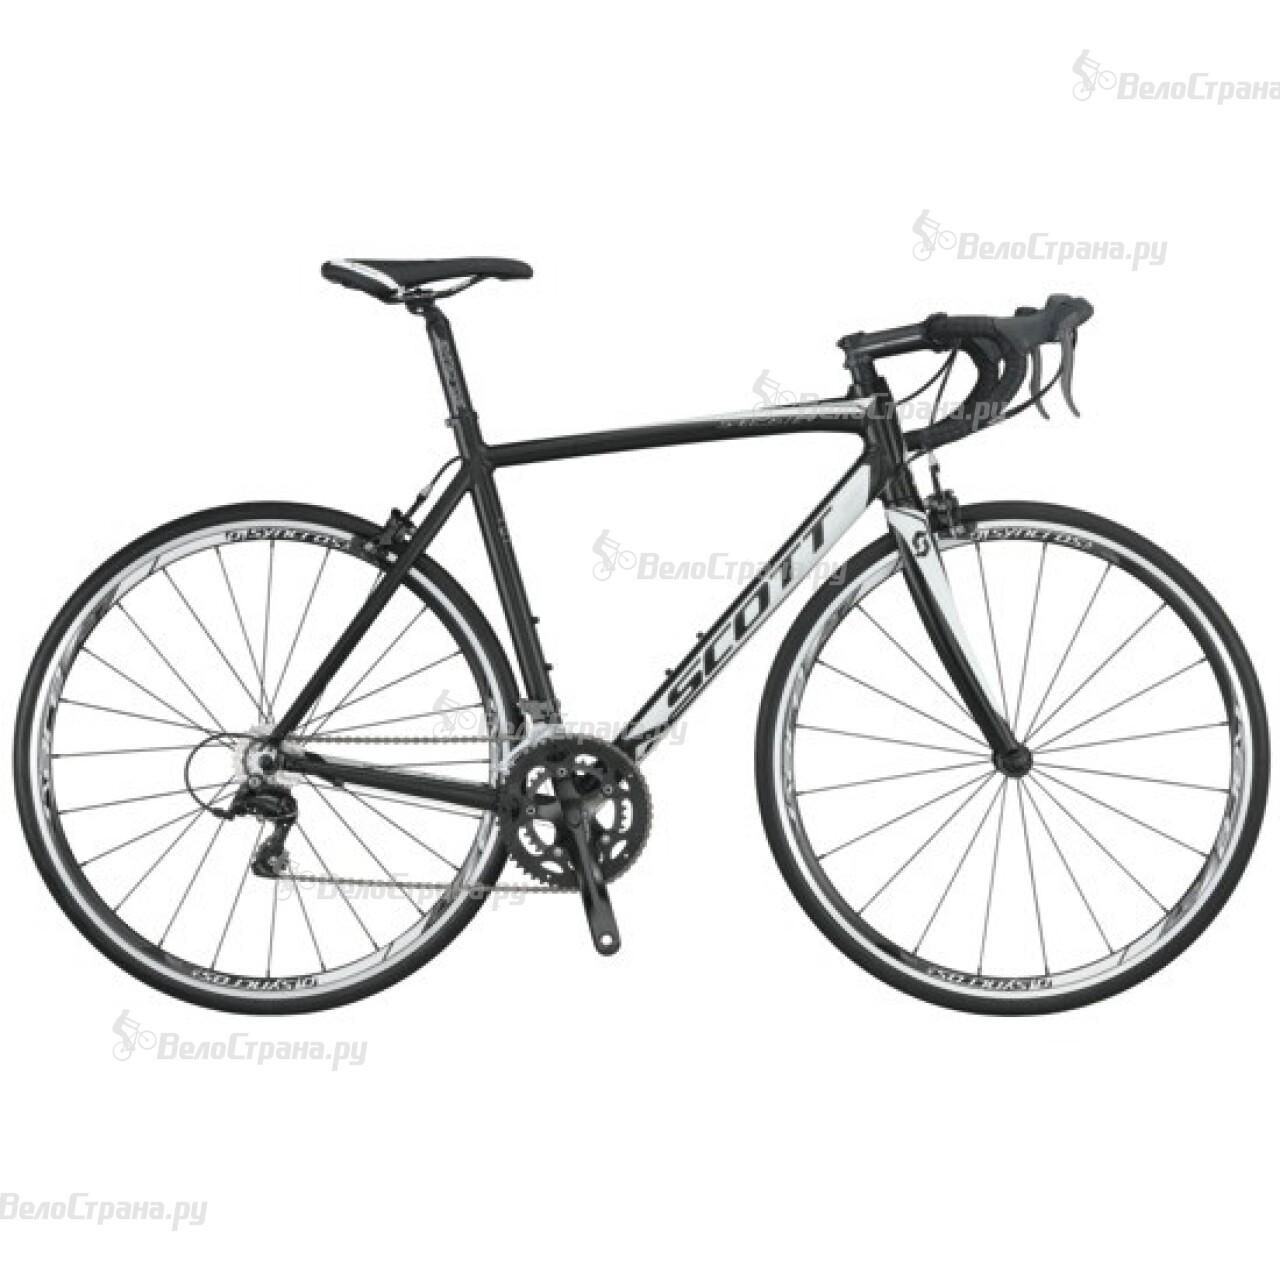 Велосипед Scott Speedster 50 (2014) велосипед wheeler protron 50 2014